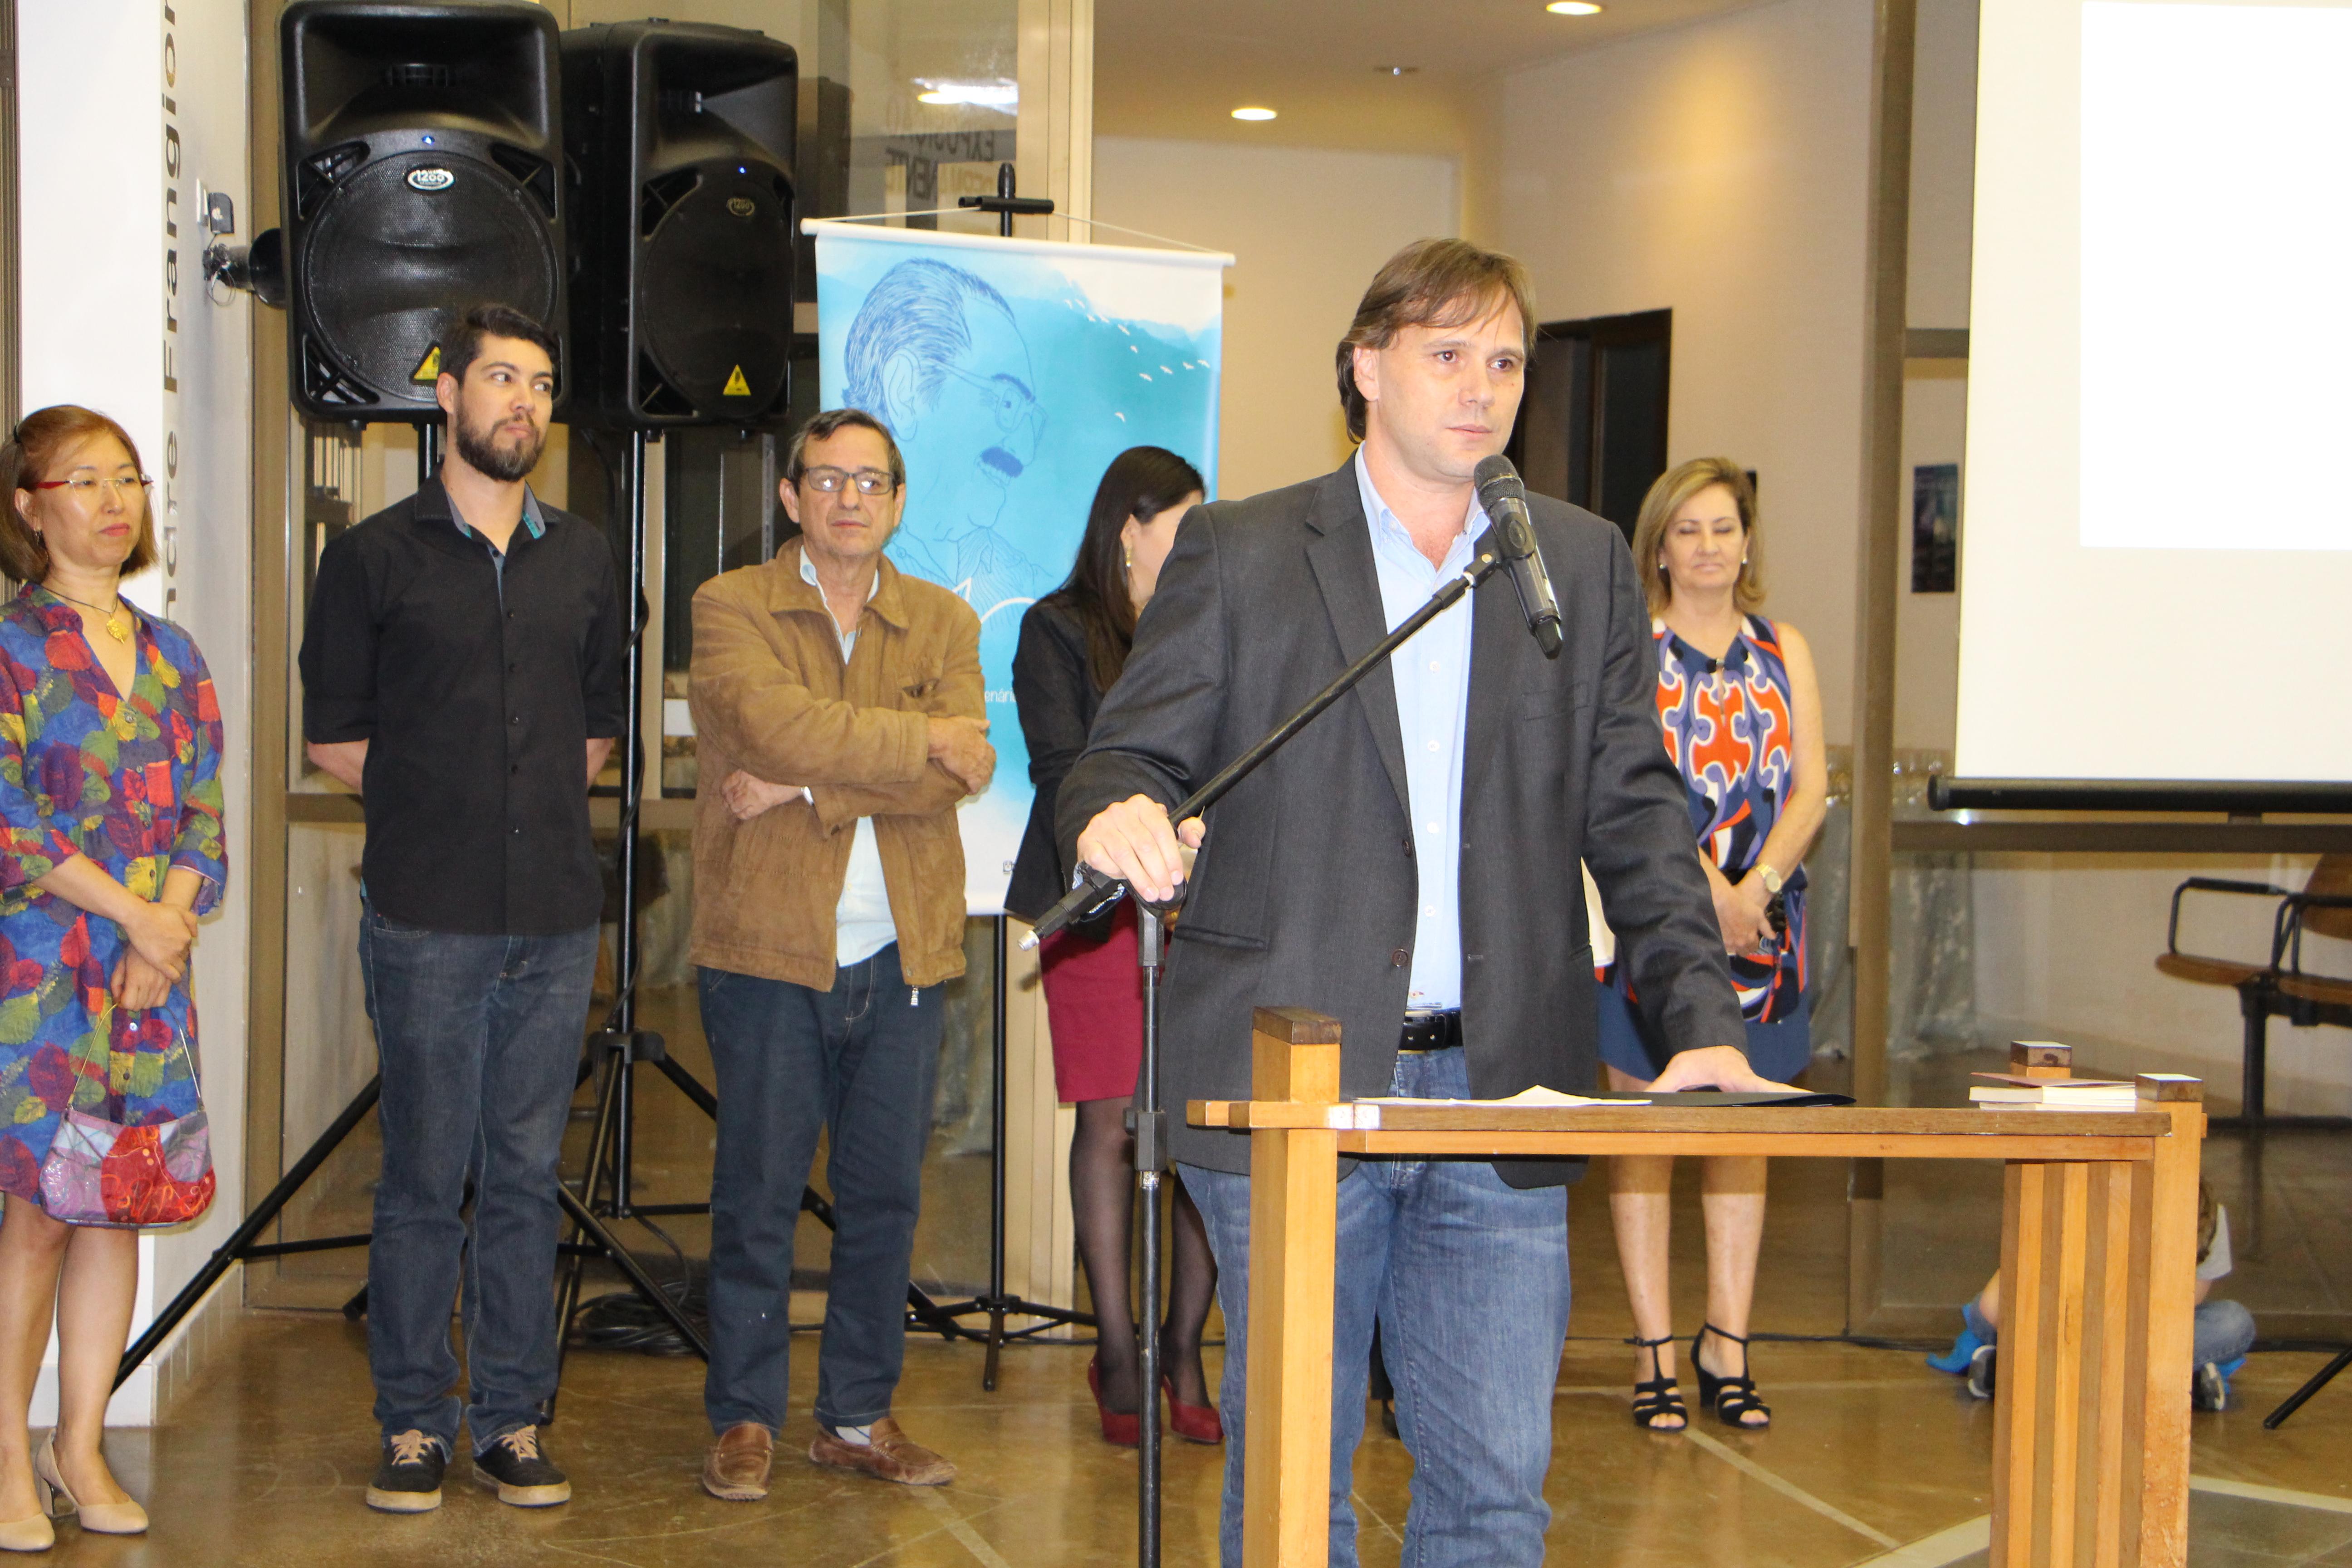 10ª Primavera dos Museus e Centenário de Manoel de Barros são lançados no Marco